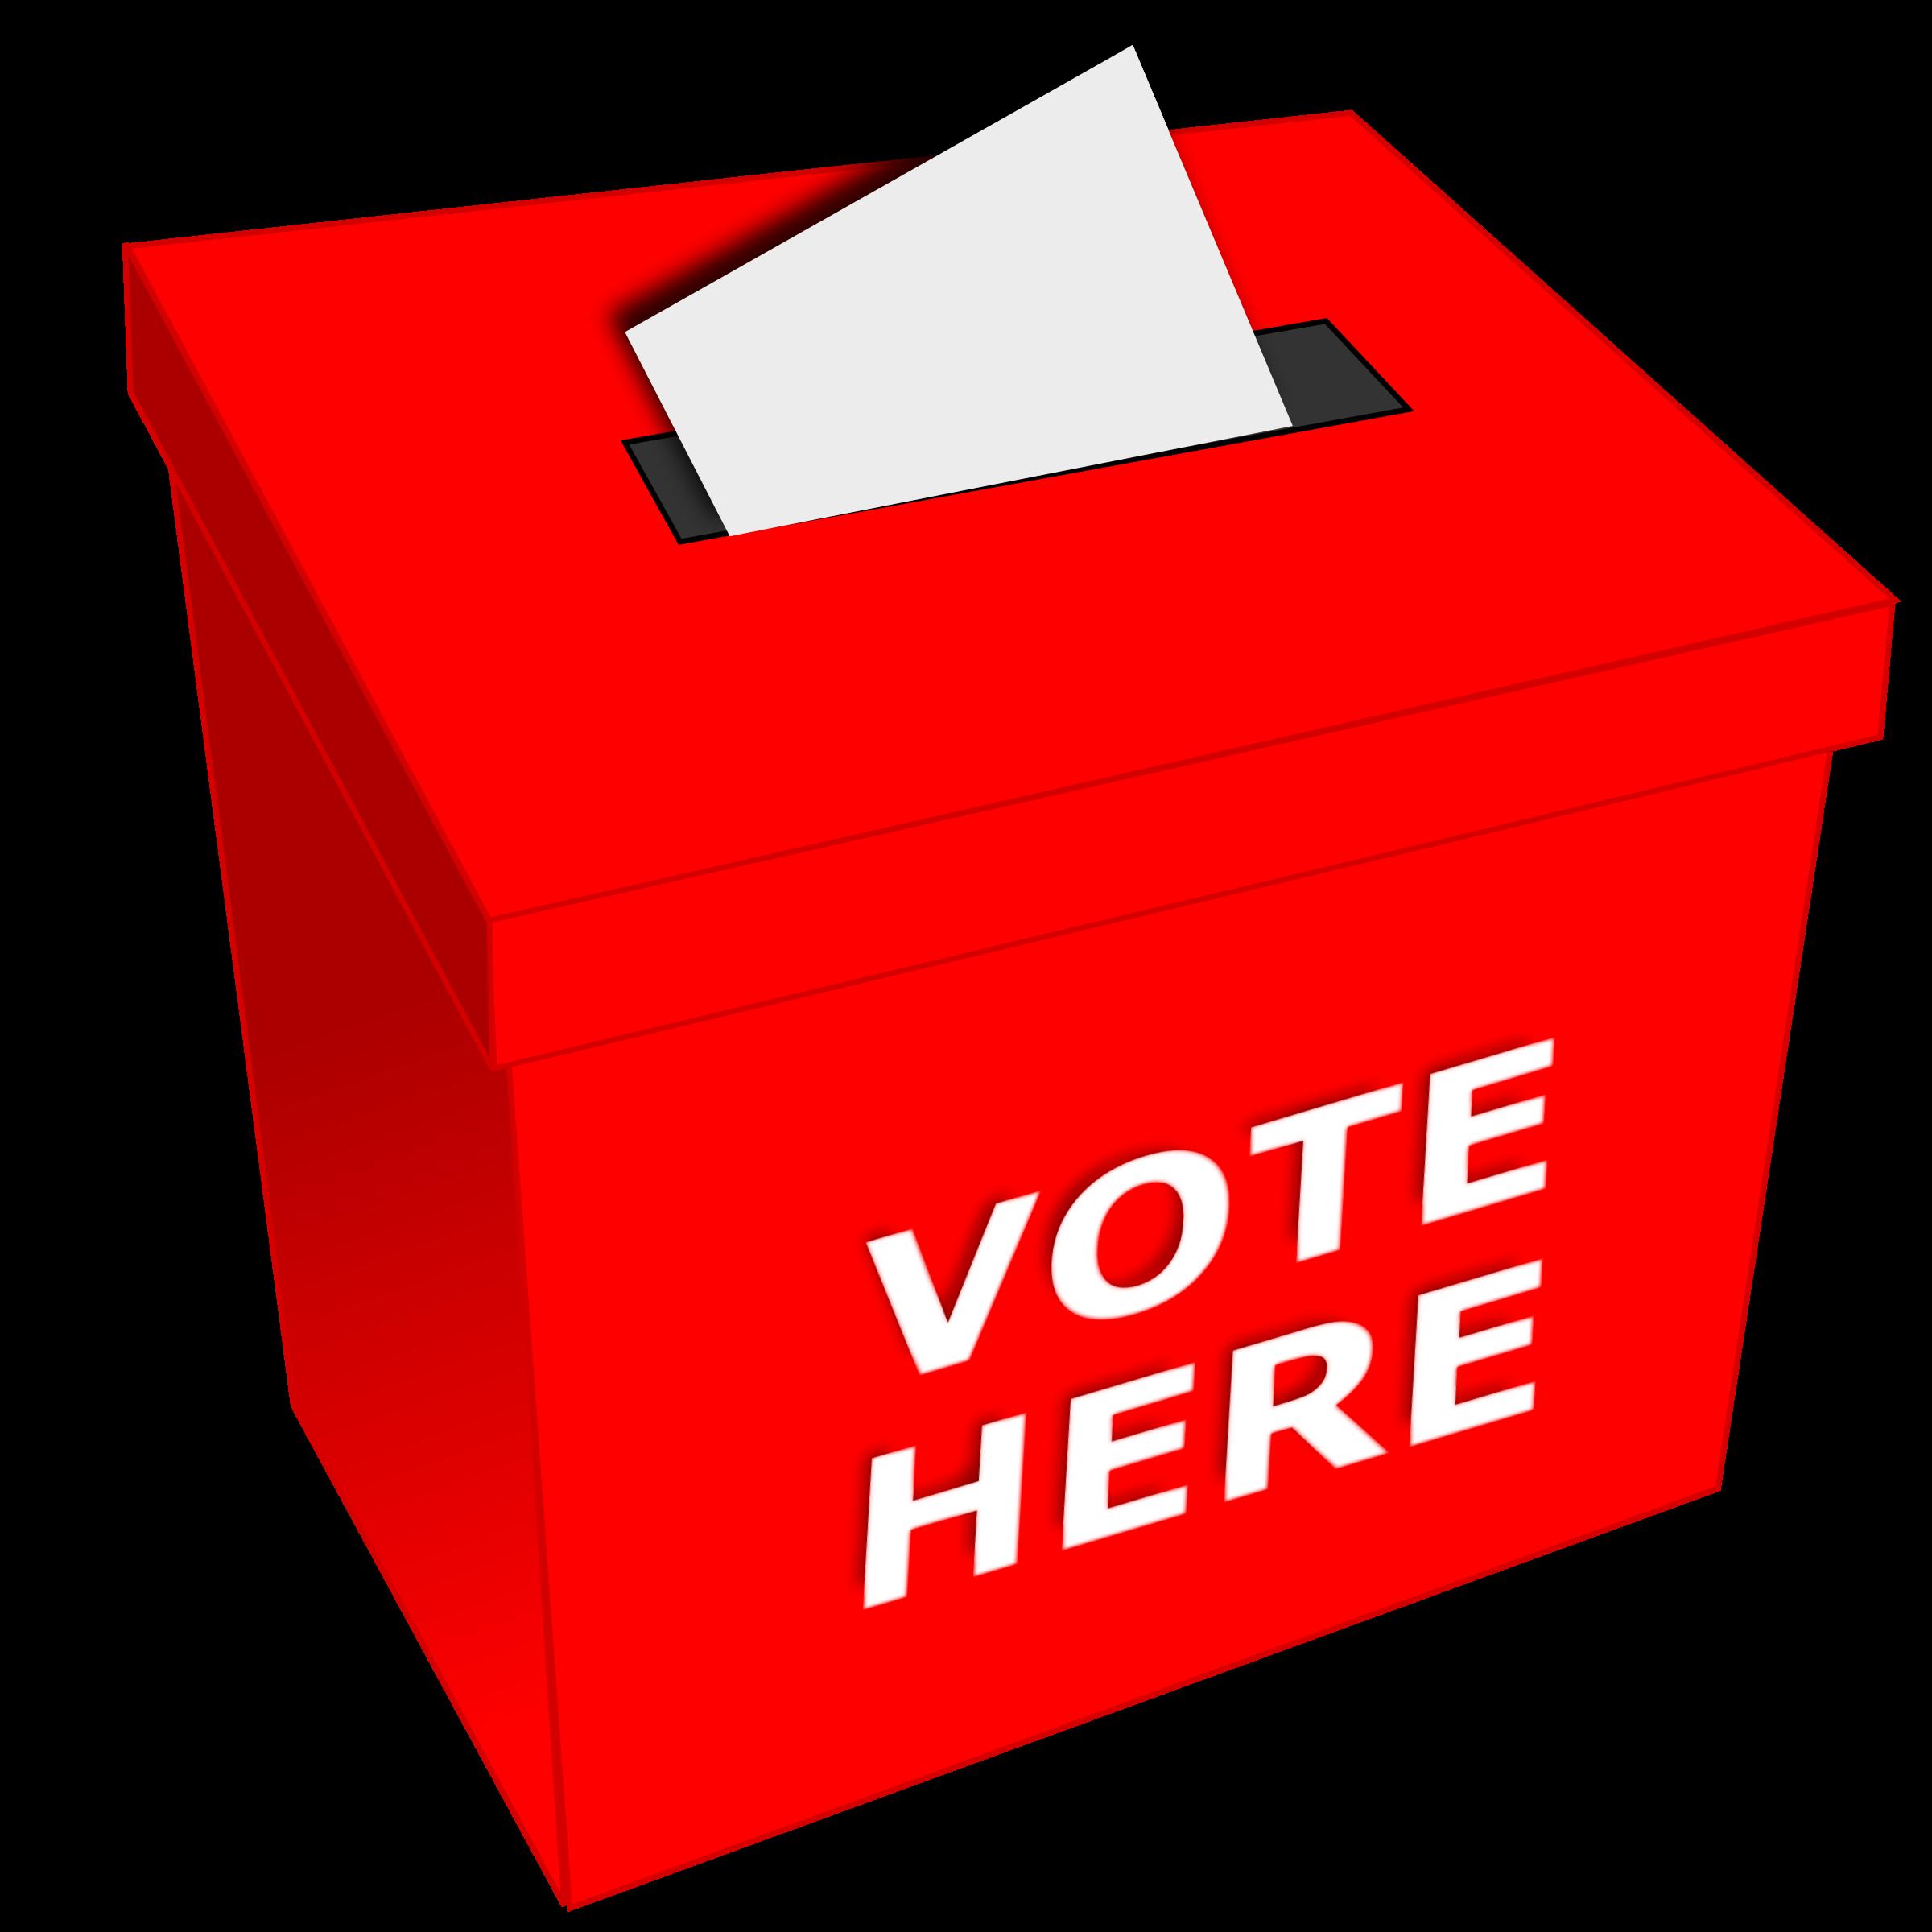 Vote Box by j4p4n